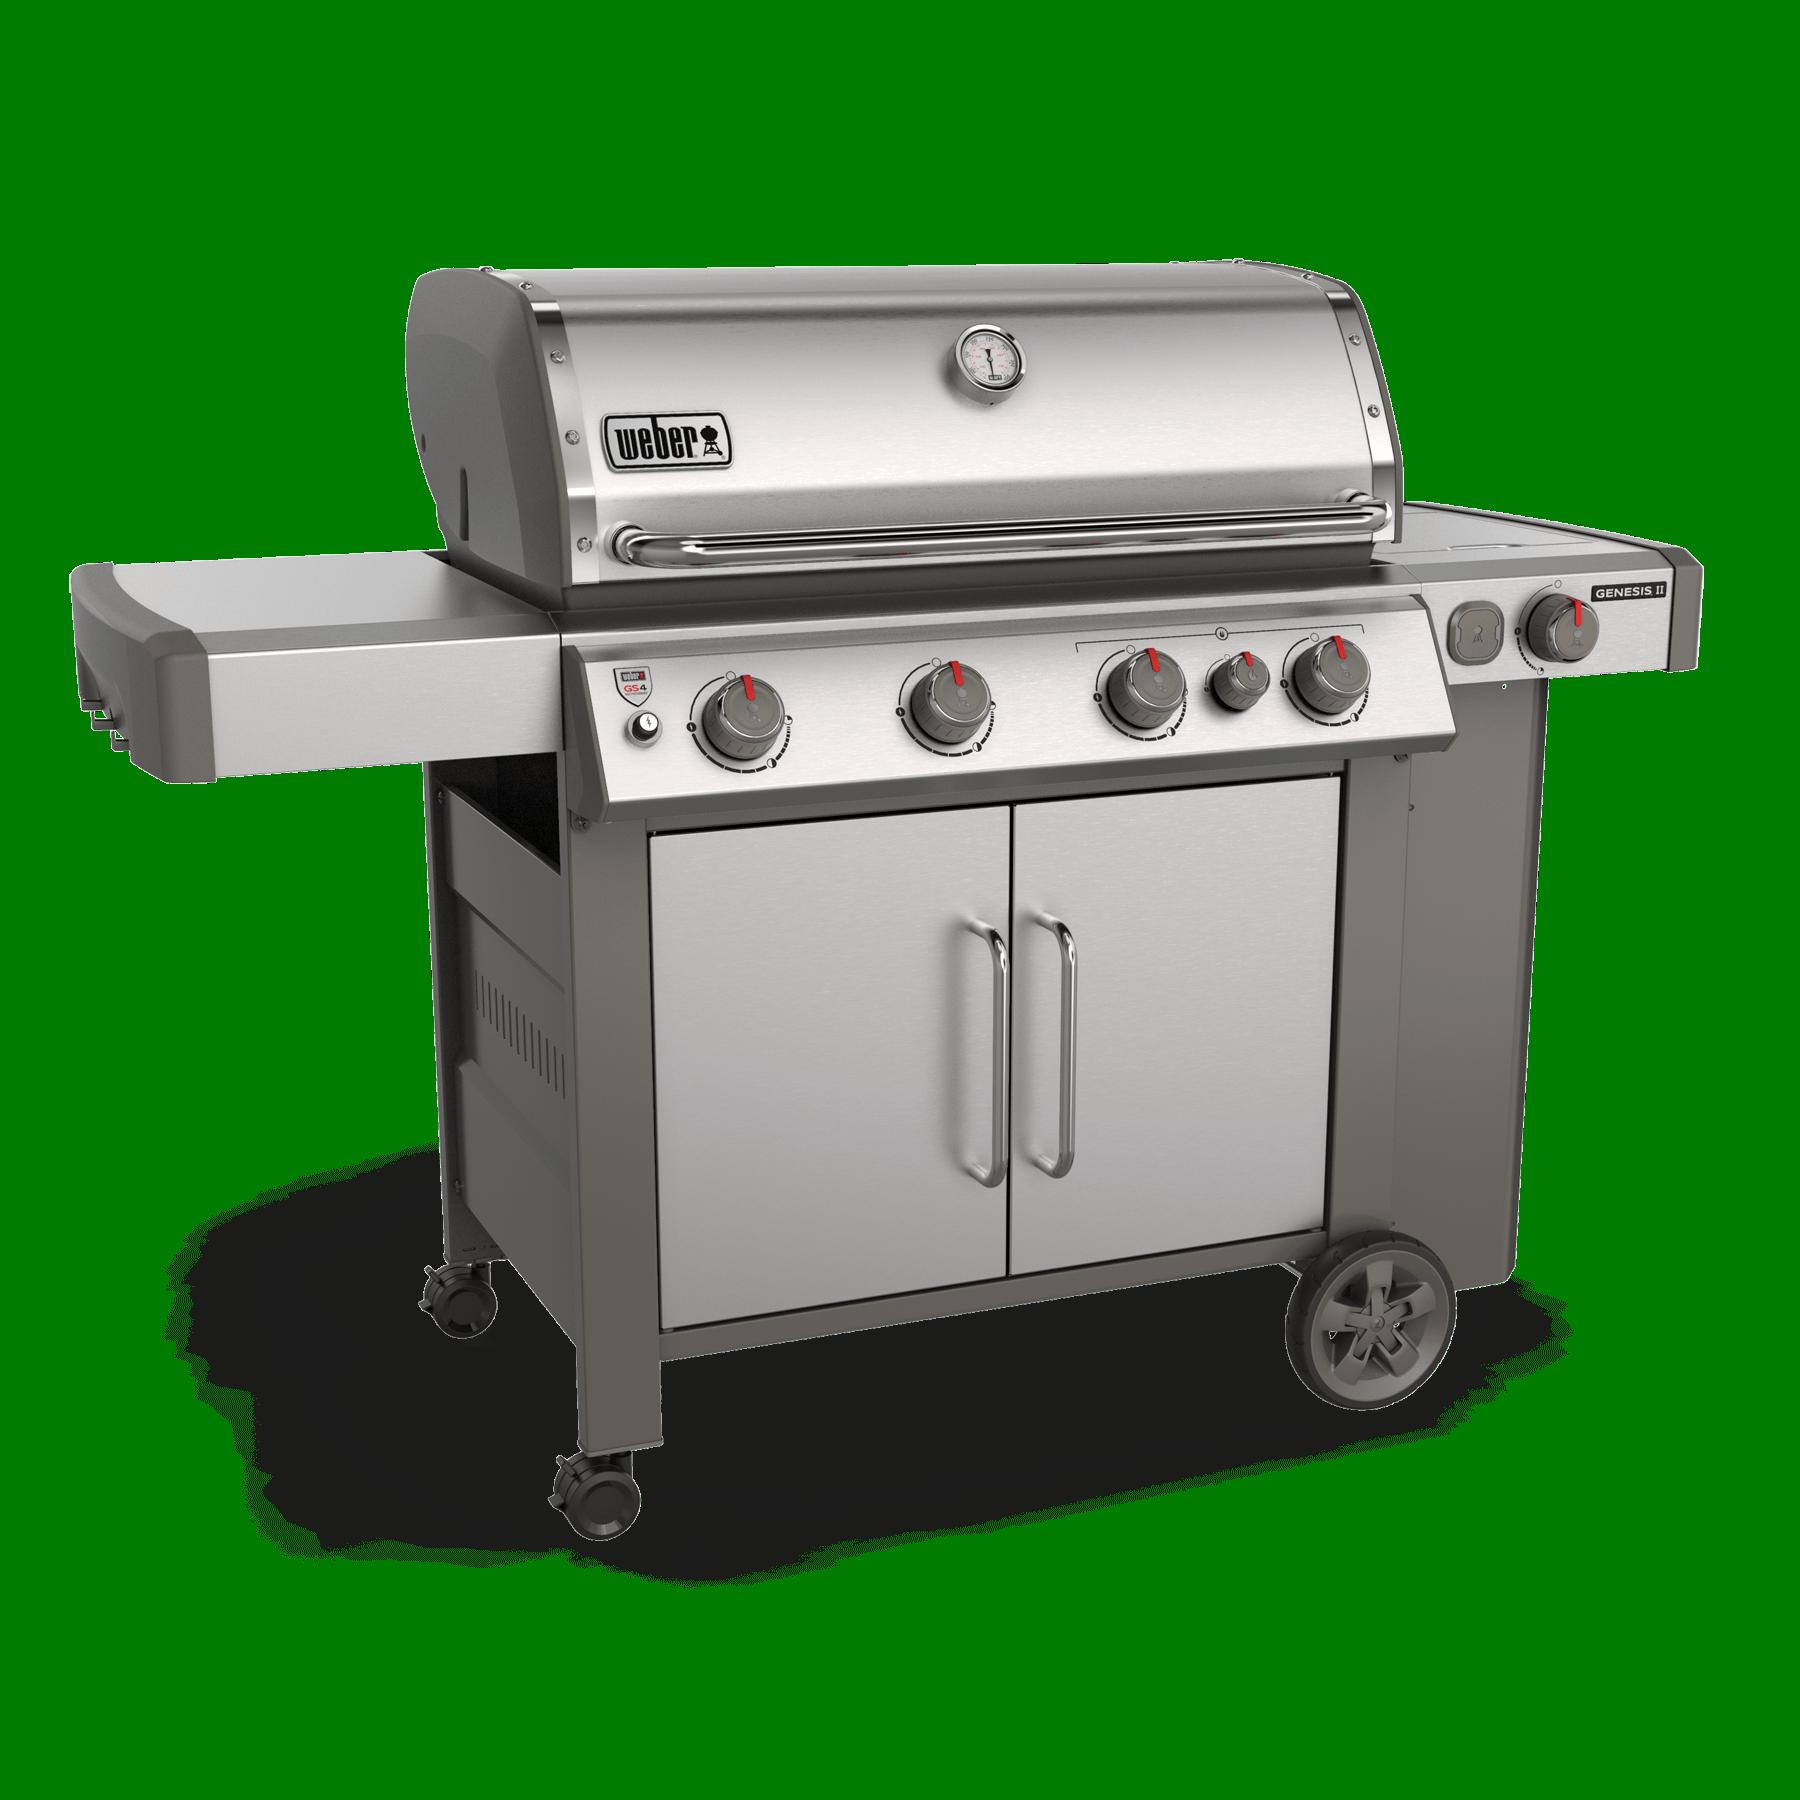 Genesis® II SP-435 GBS gasbarbecue